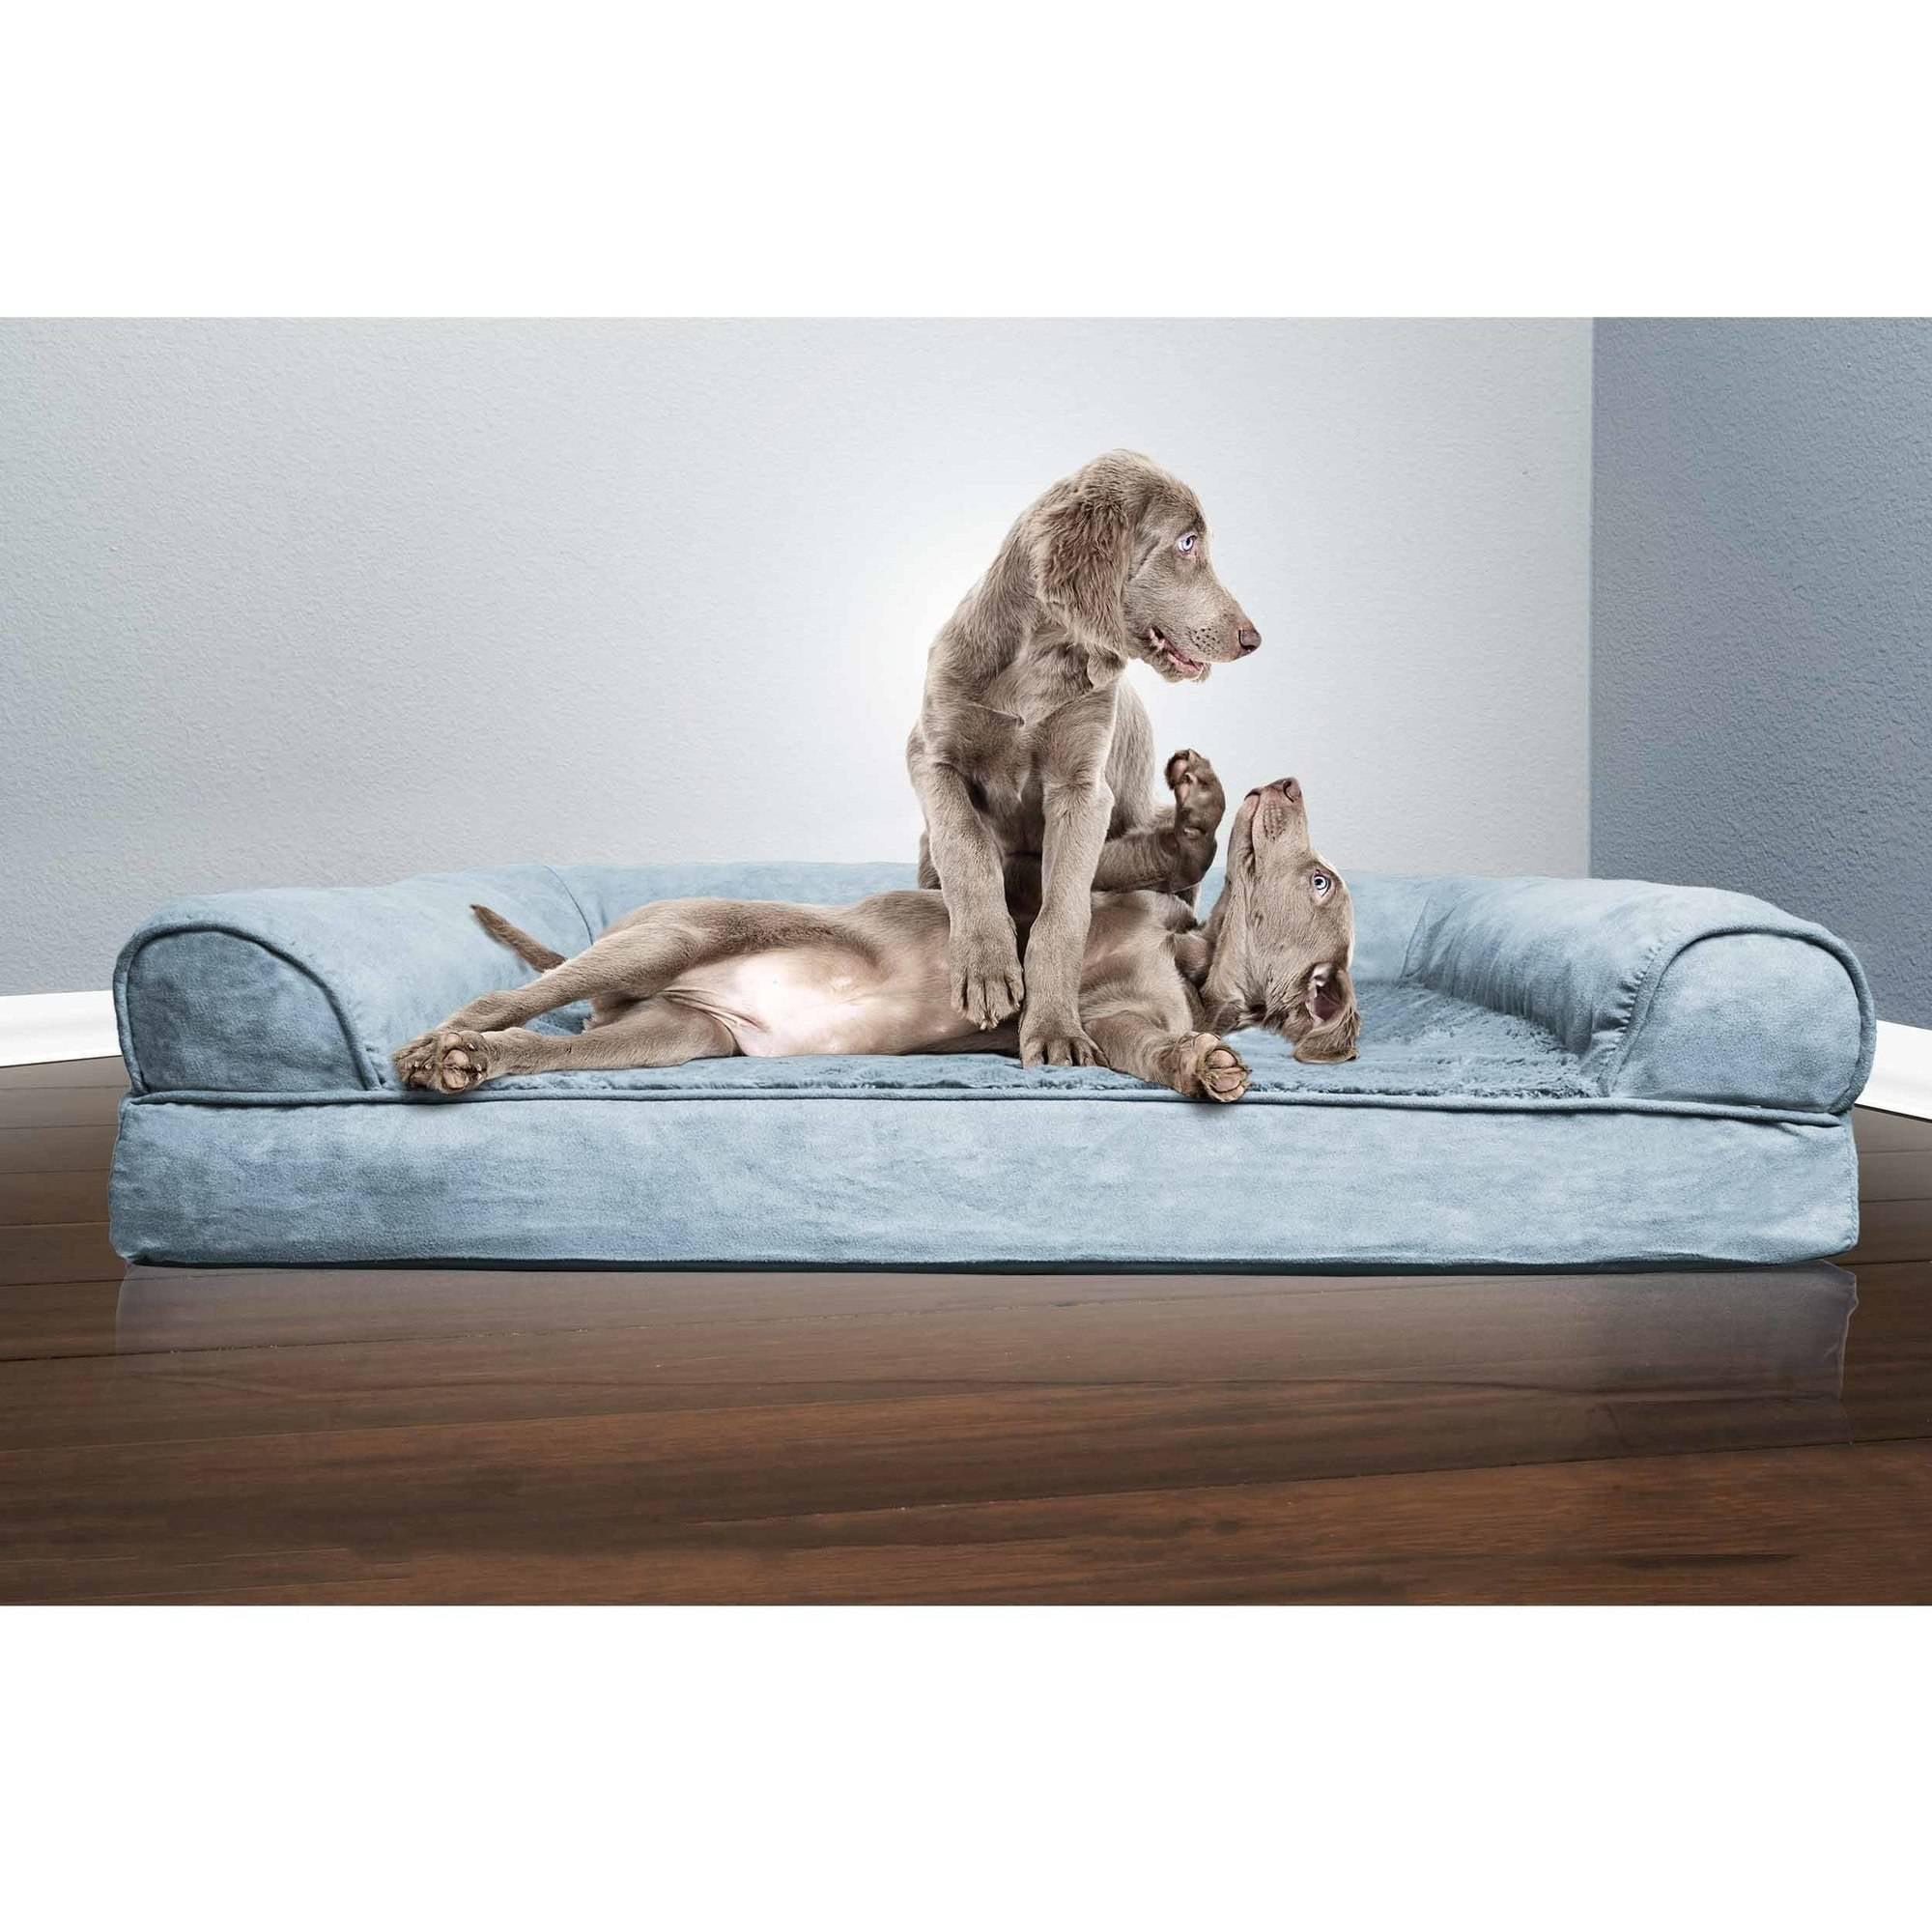 furhaven plush orthopedic sofa dog bed pet bed ebay. Black Bedroom Furniture Sets. Home Design Ideas